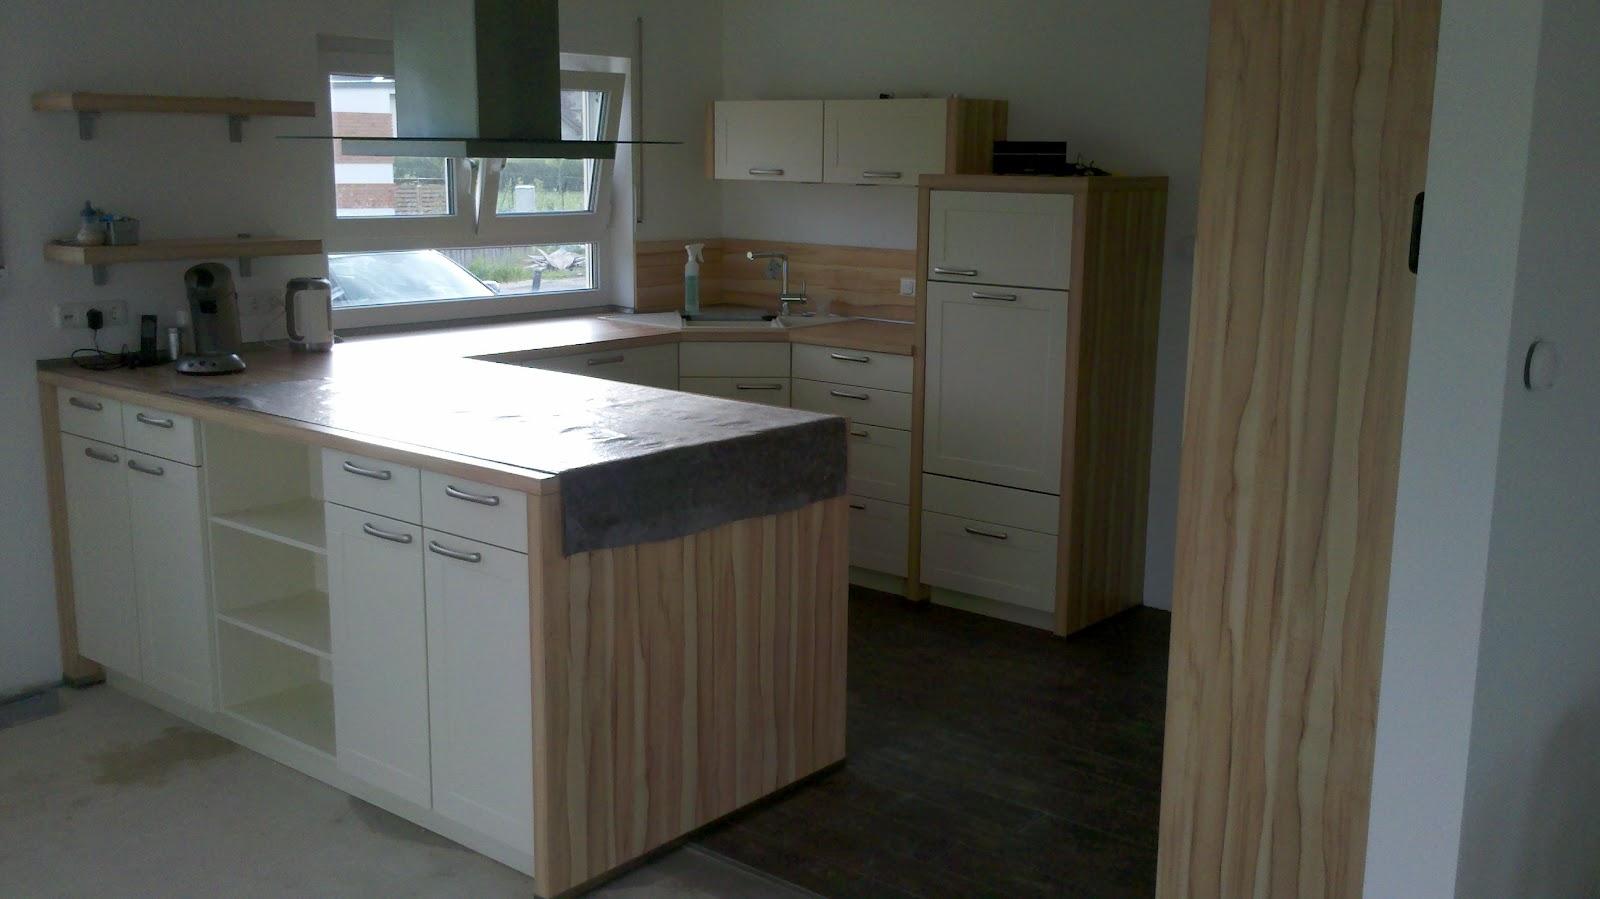 Fingerhaus küche  Fingerhaus Vio 300: Küche 3.0